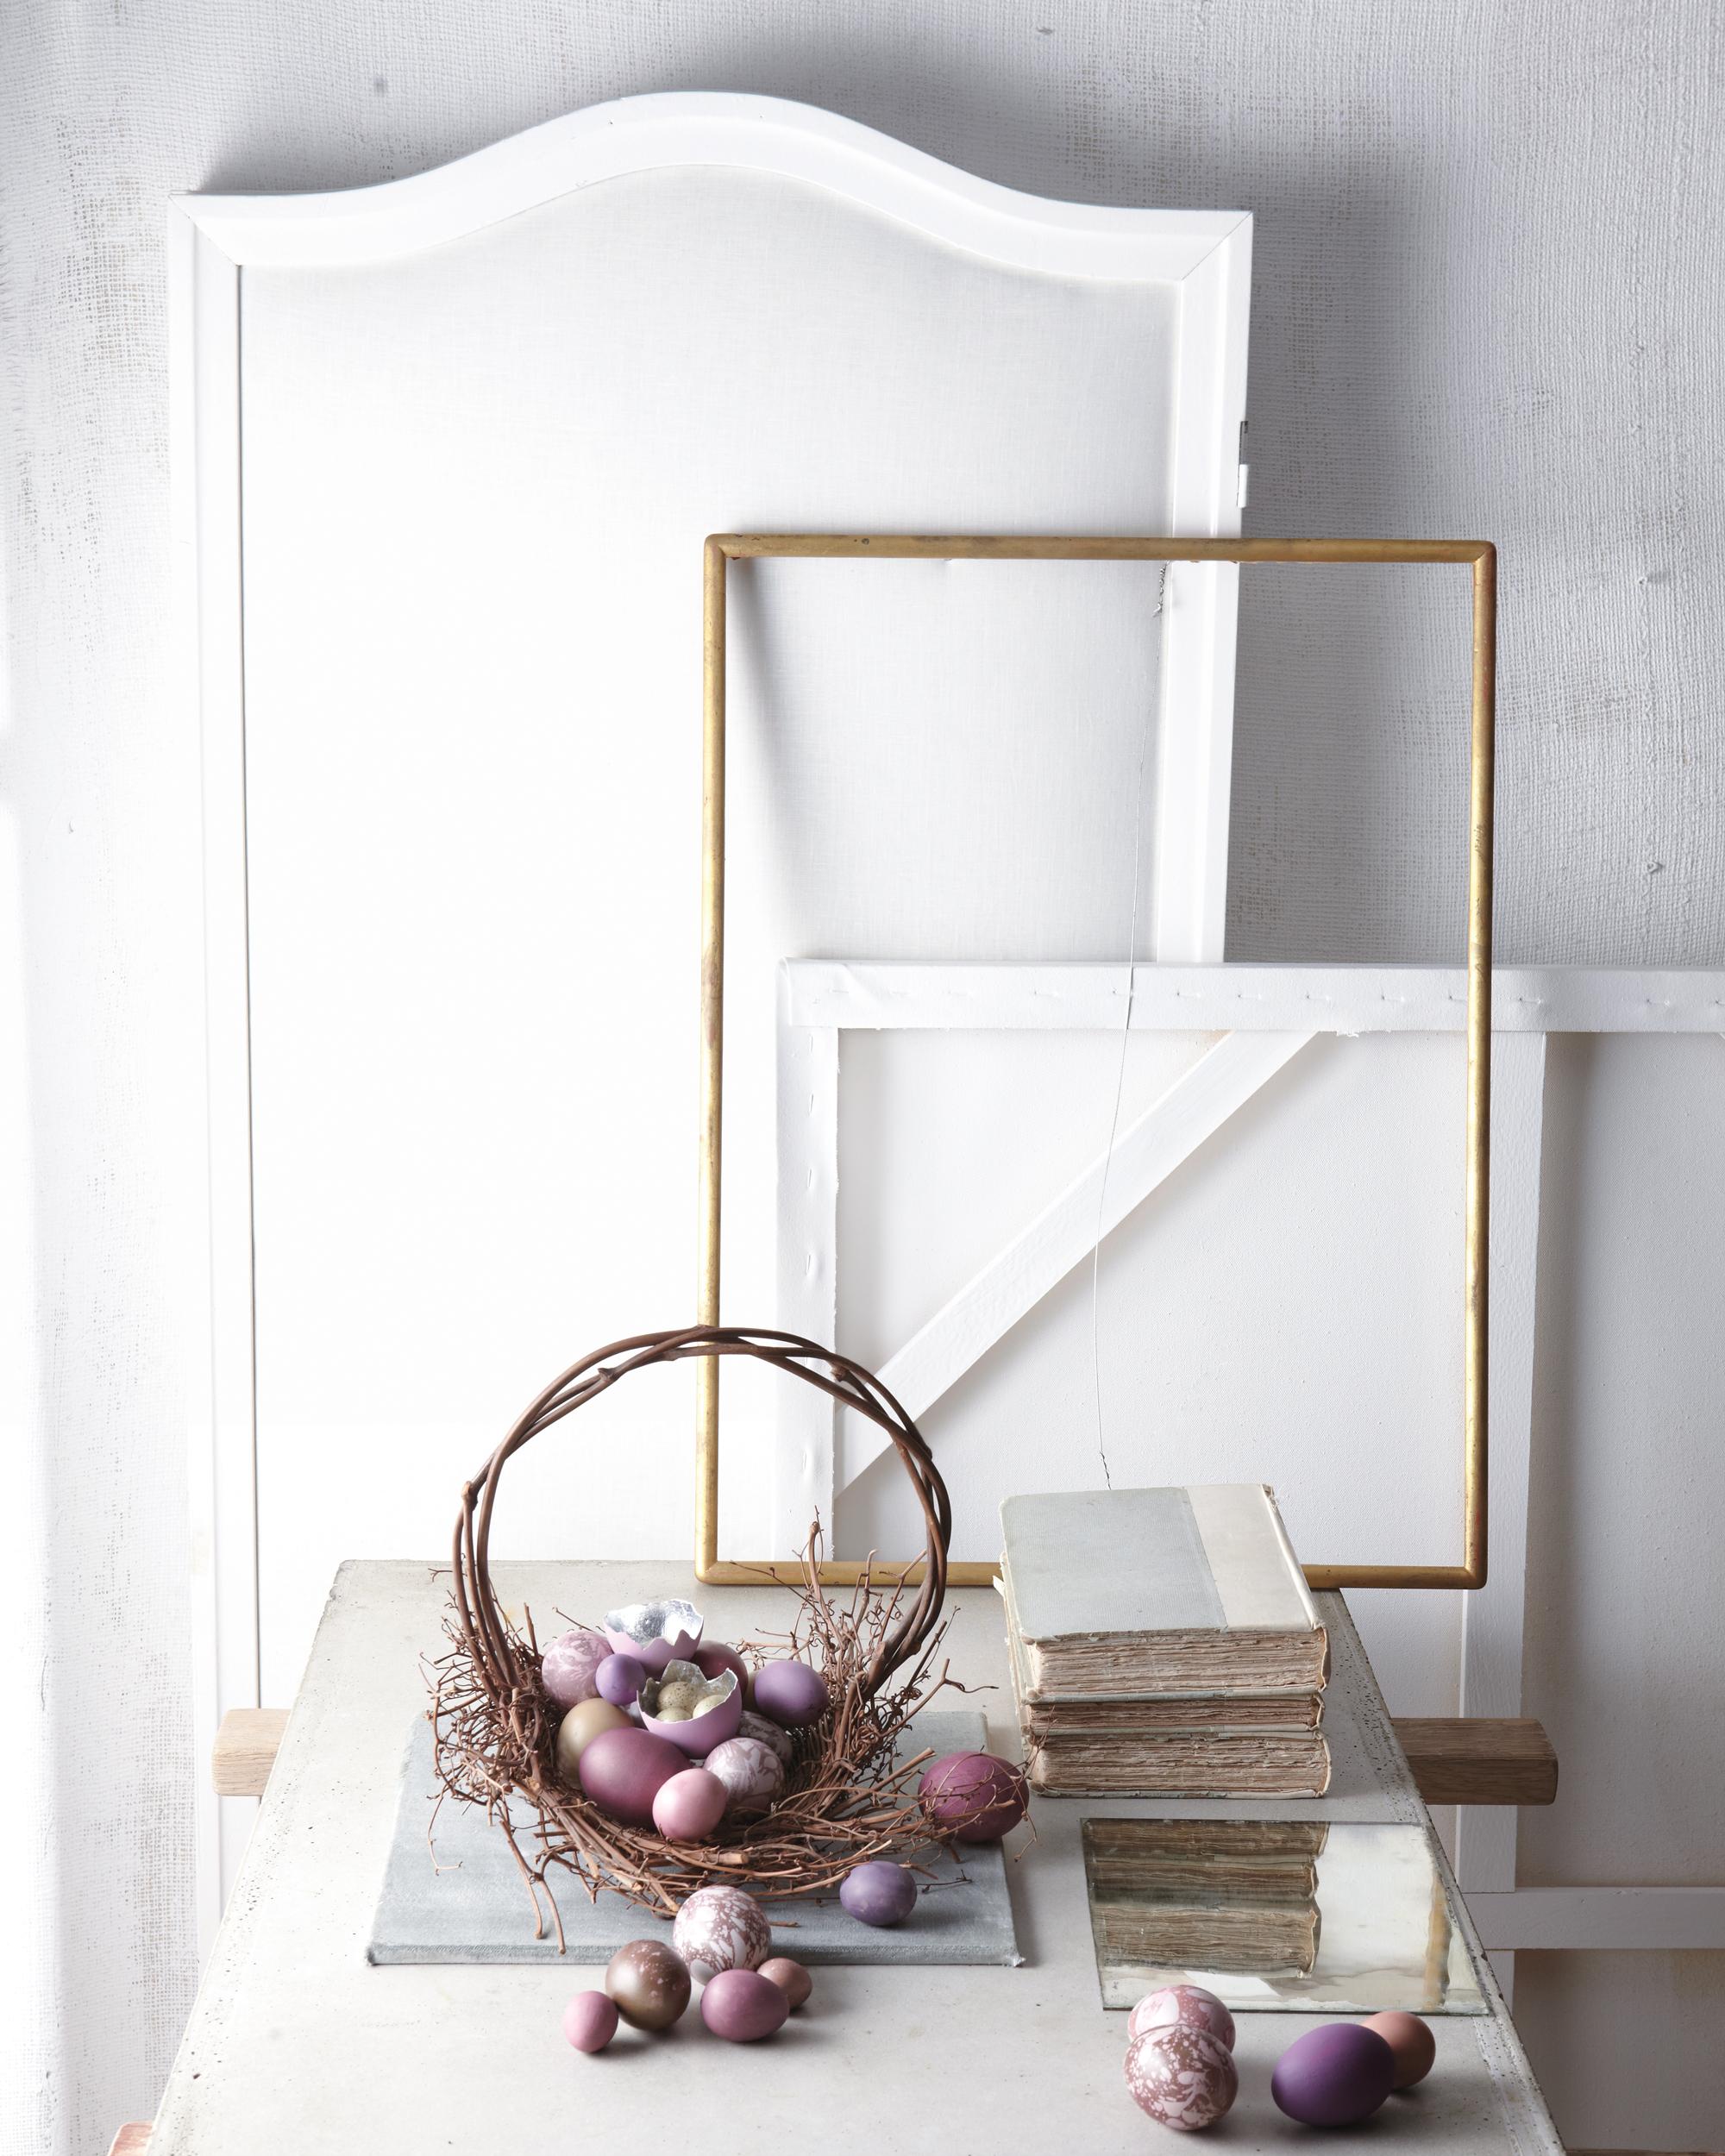 MLD109766-Easter-Basket-Nest-019.jpg